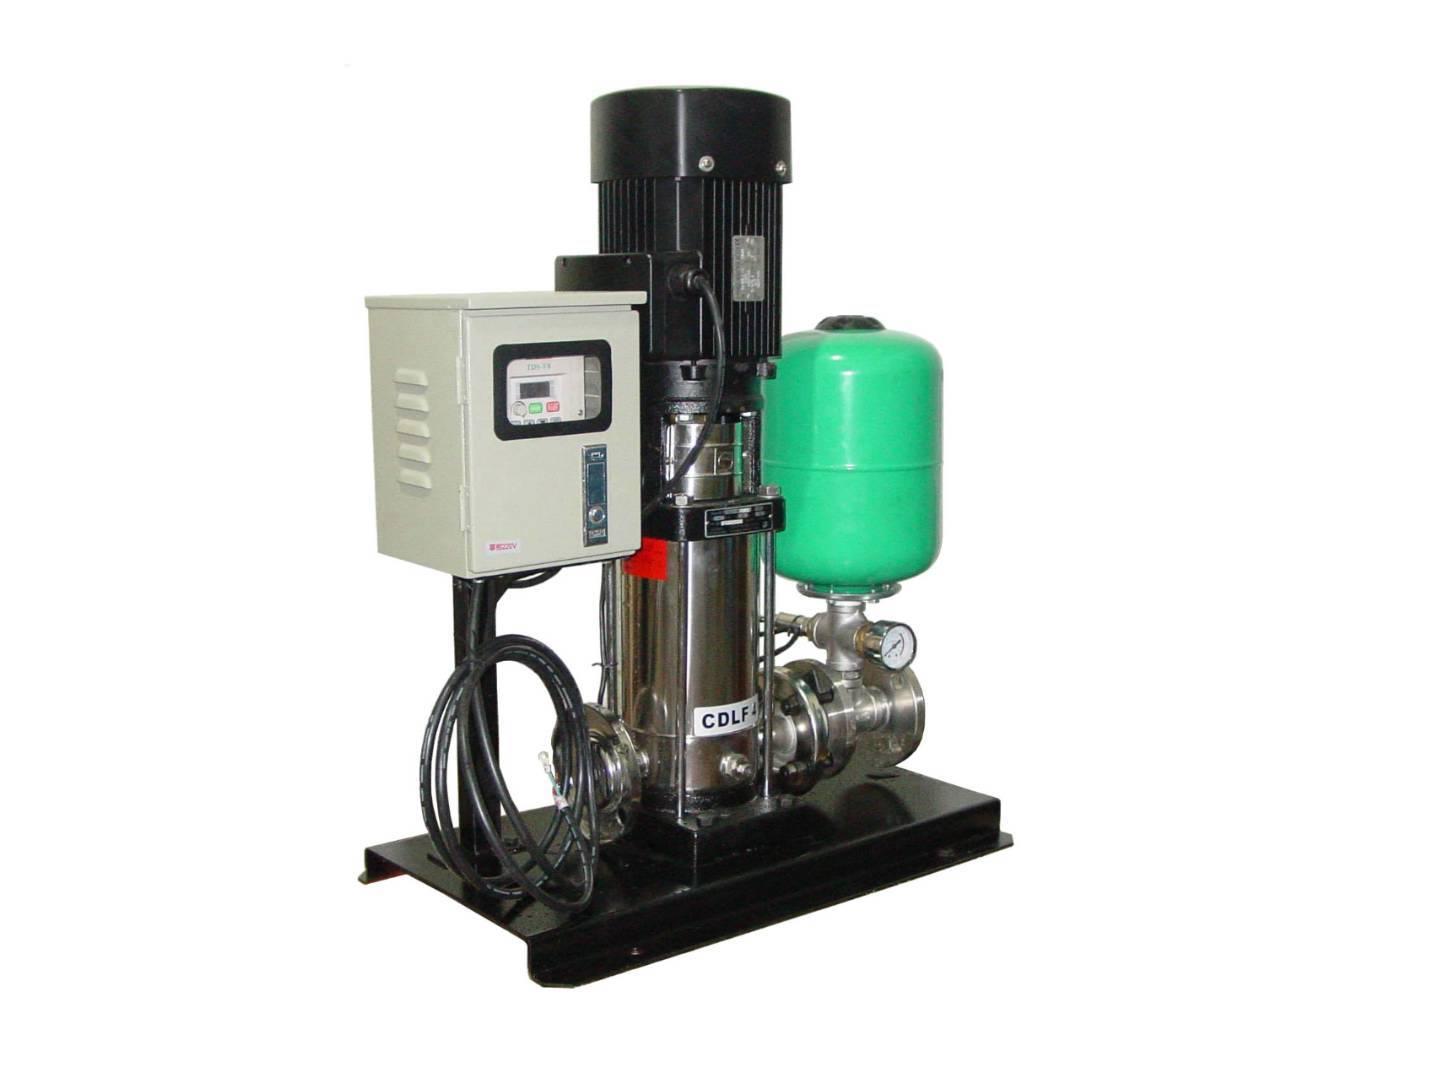 变频水泵适用于城乡供水,农业灌溉等 结构: 变频水泵由变频器(内含